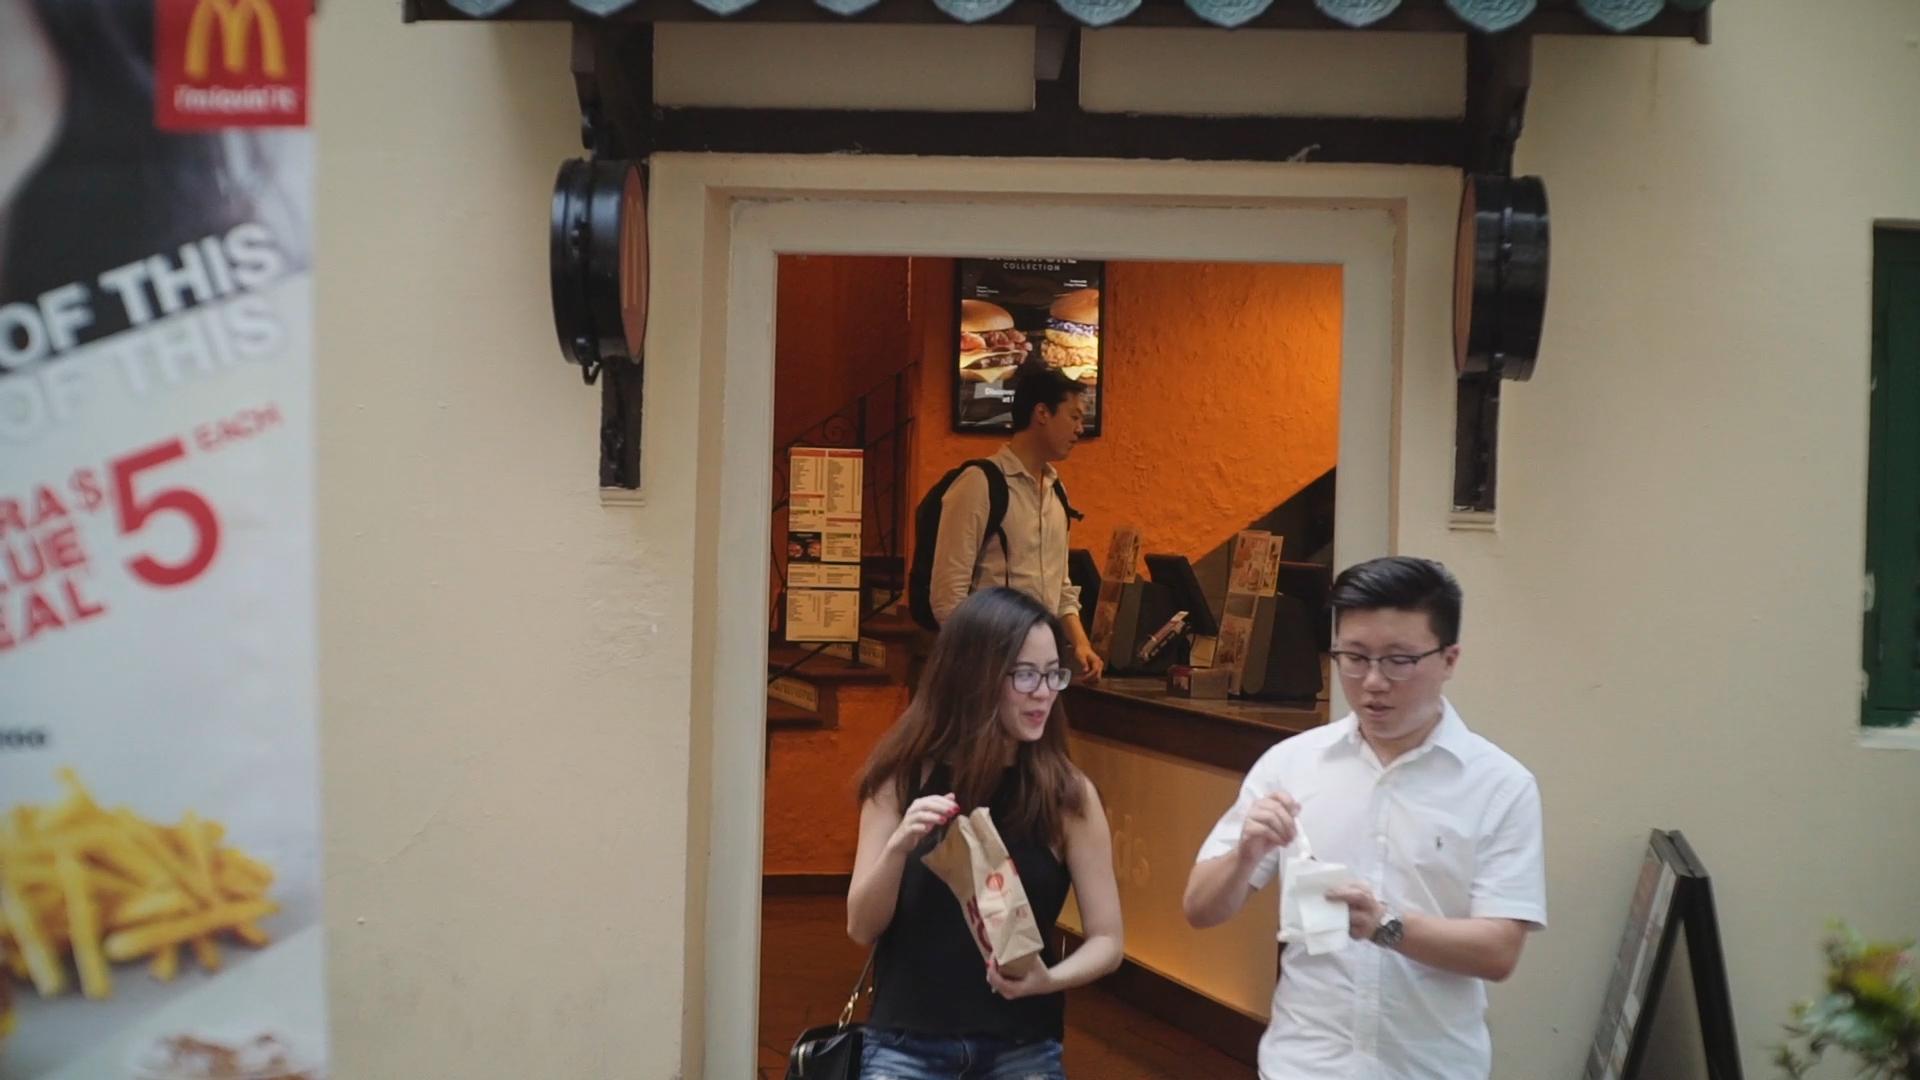 FFK_IG_59s_Screenshot_Bryan Cheng Ting PW_001.jpg